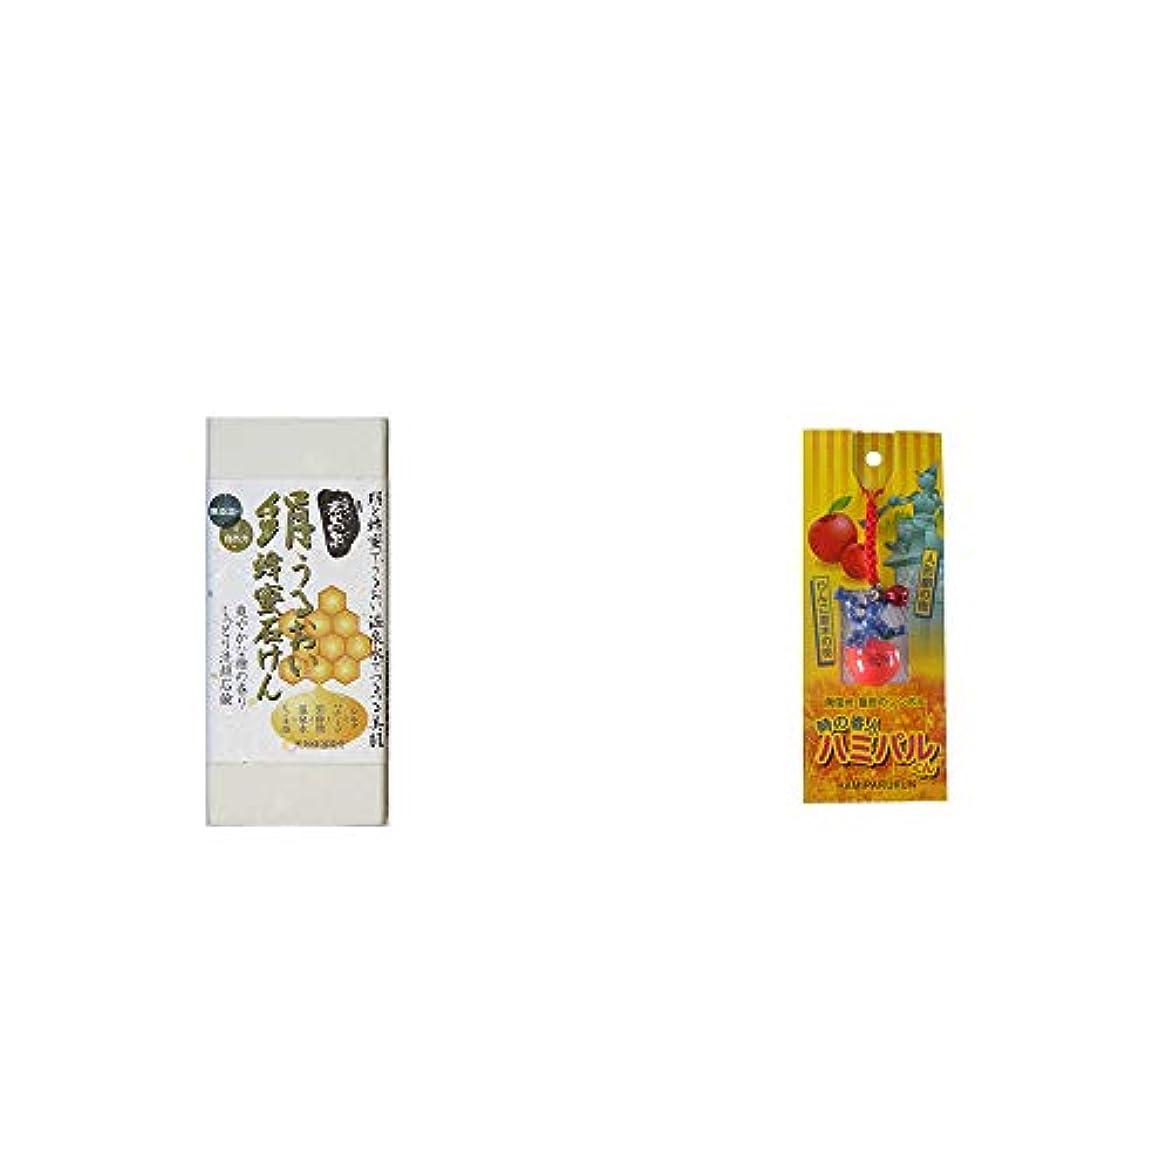 症候群脅迫かけがえのない[2点セット] ひのき炭黒泉 絹うるおい蜂蜜石けん(75g×2)?信州?飯田のシンボル 時の番人ハミパルくんストラップ